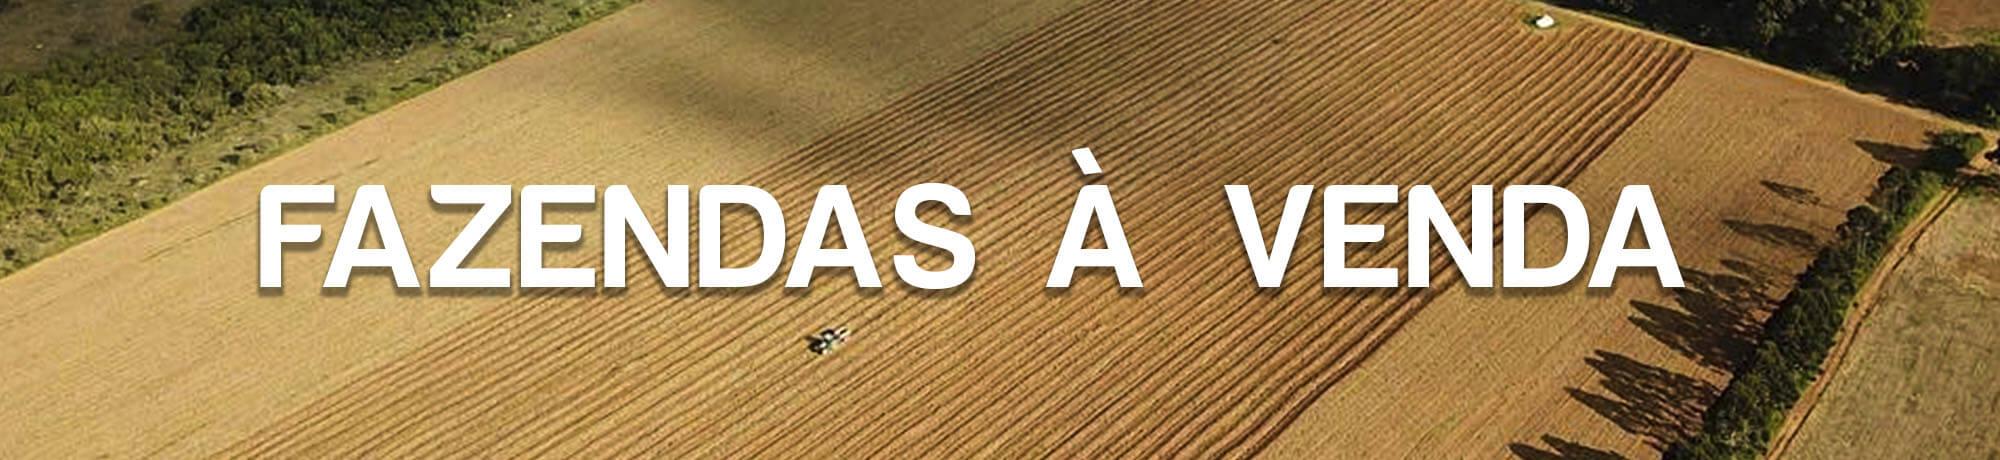 Imagem Fazendas á Venda